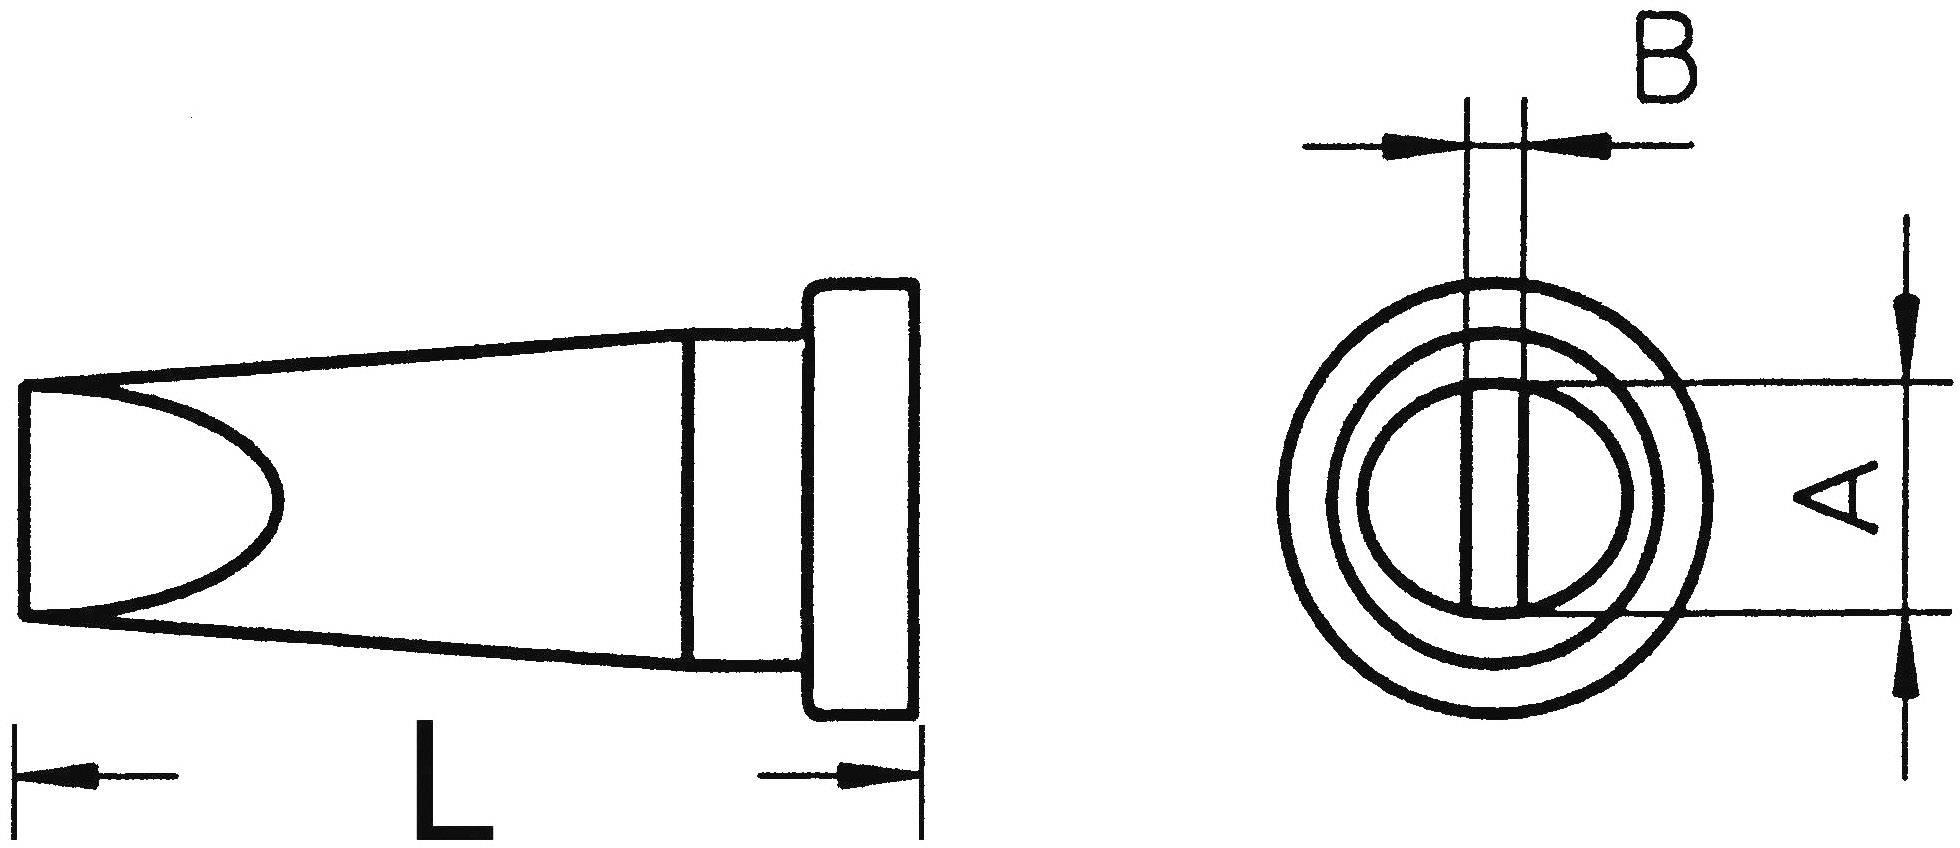 Pájecí hrot Weller LT-H, dlátový, rovný, 0,8 mm